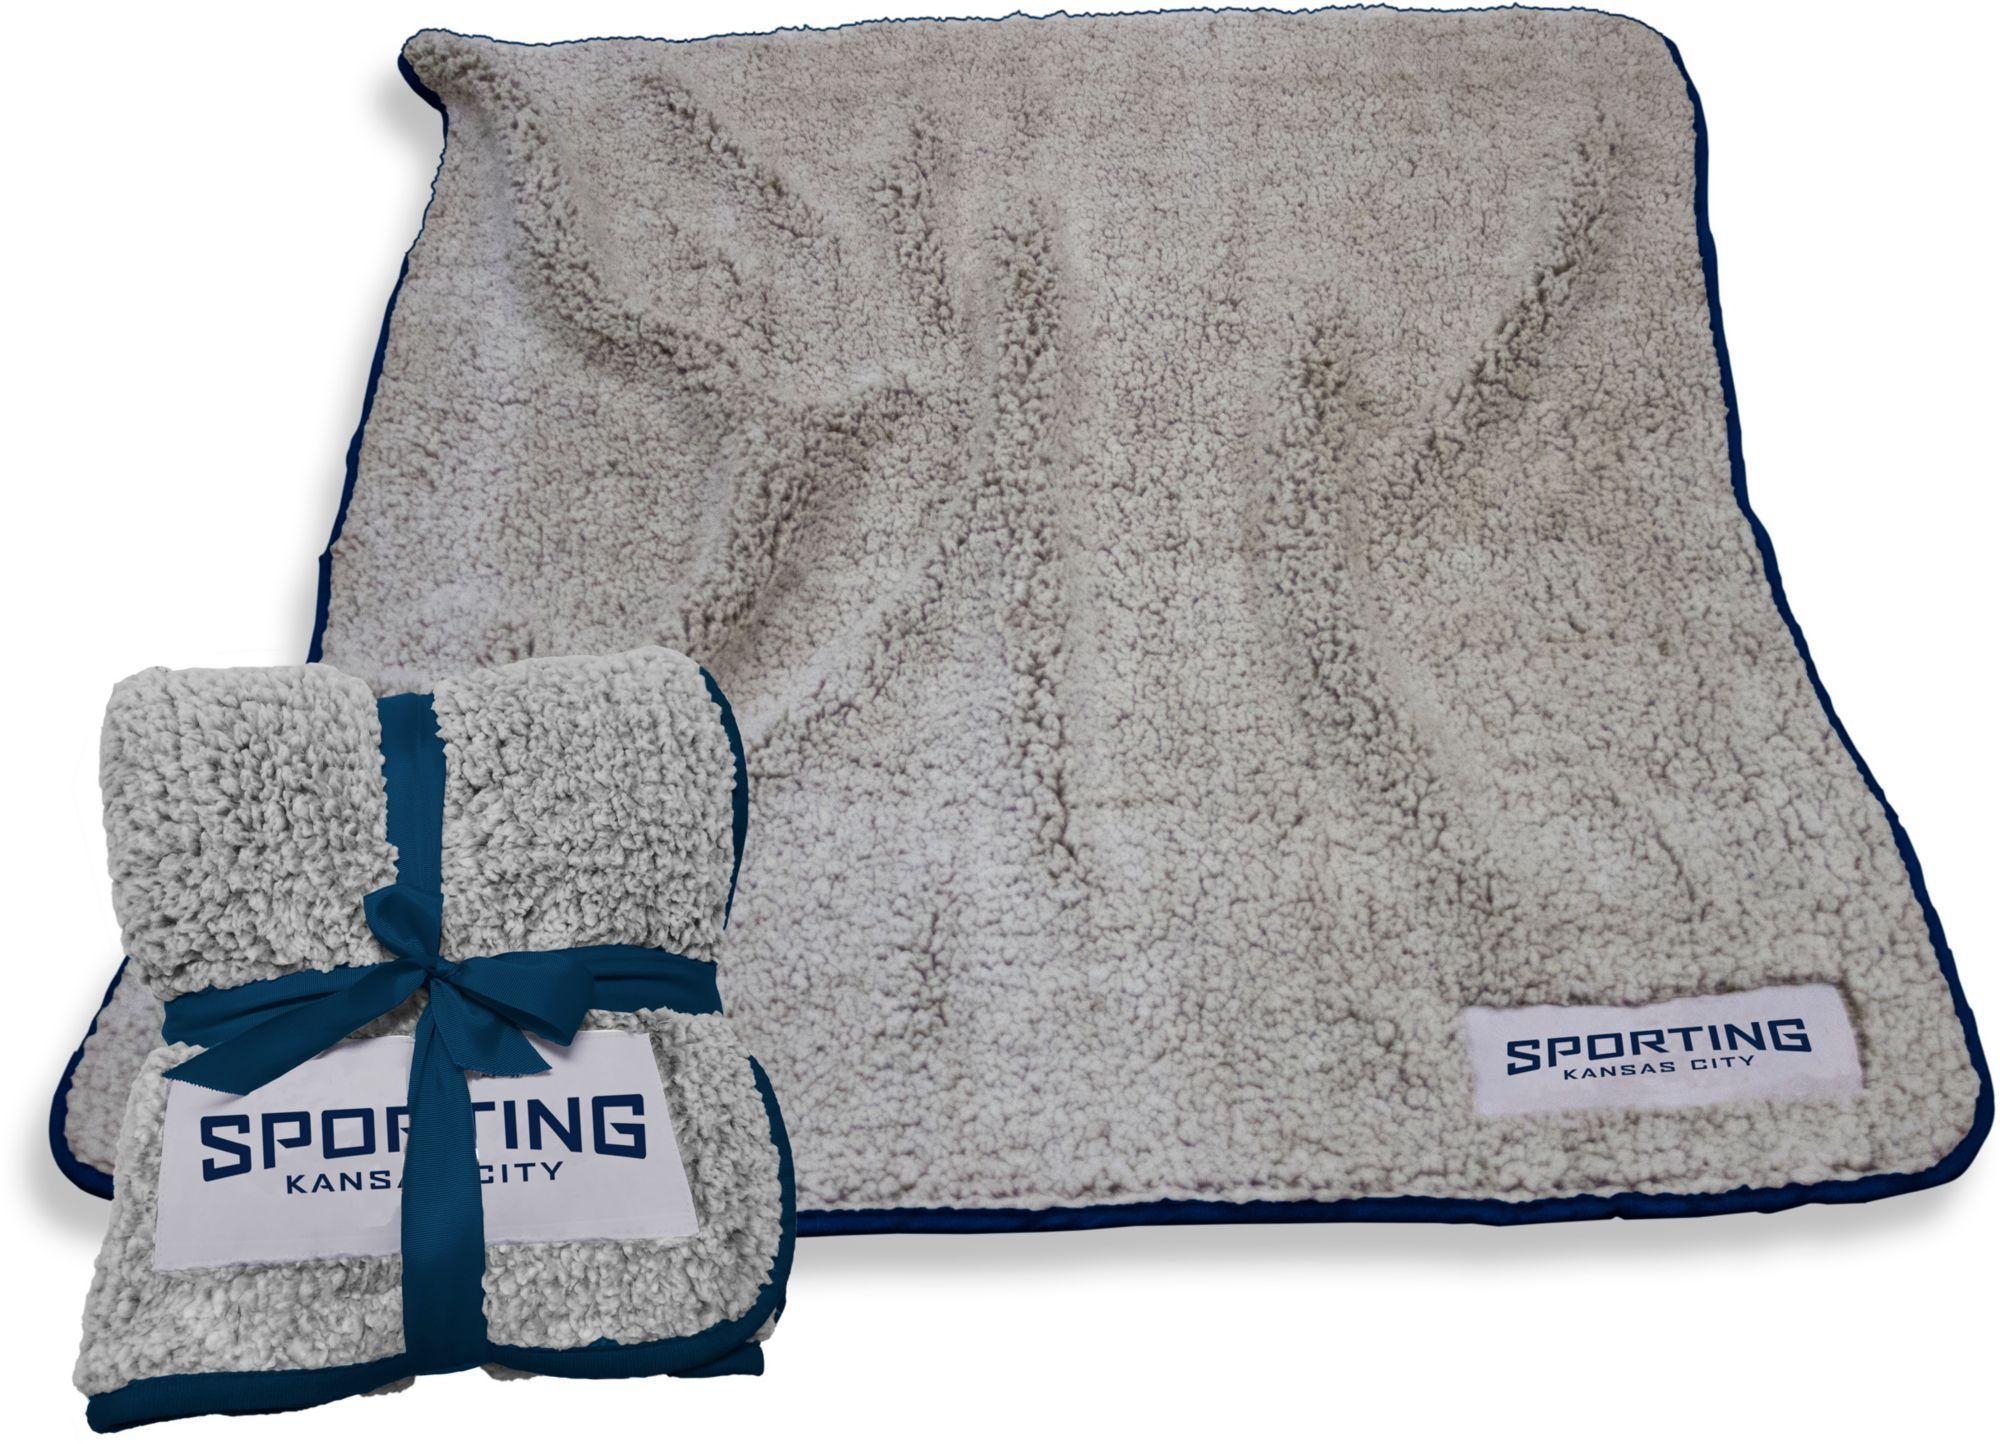 Sporting Kansas City Frosty Fleece Blanket in 2020